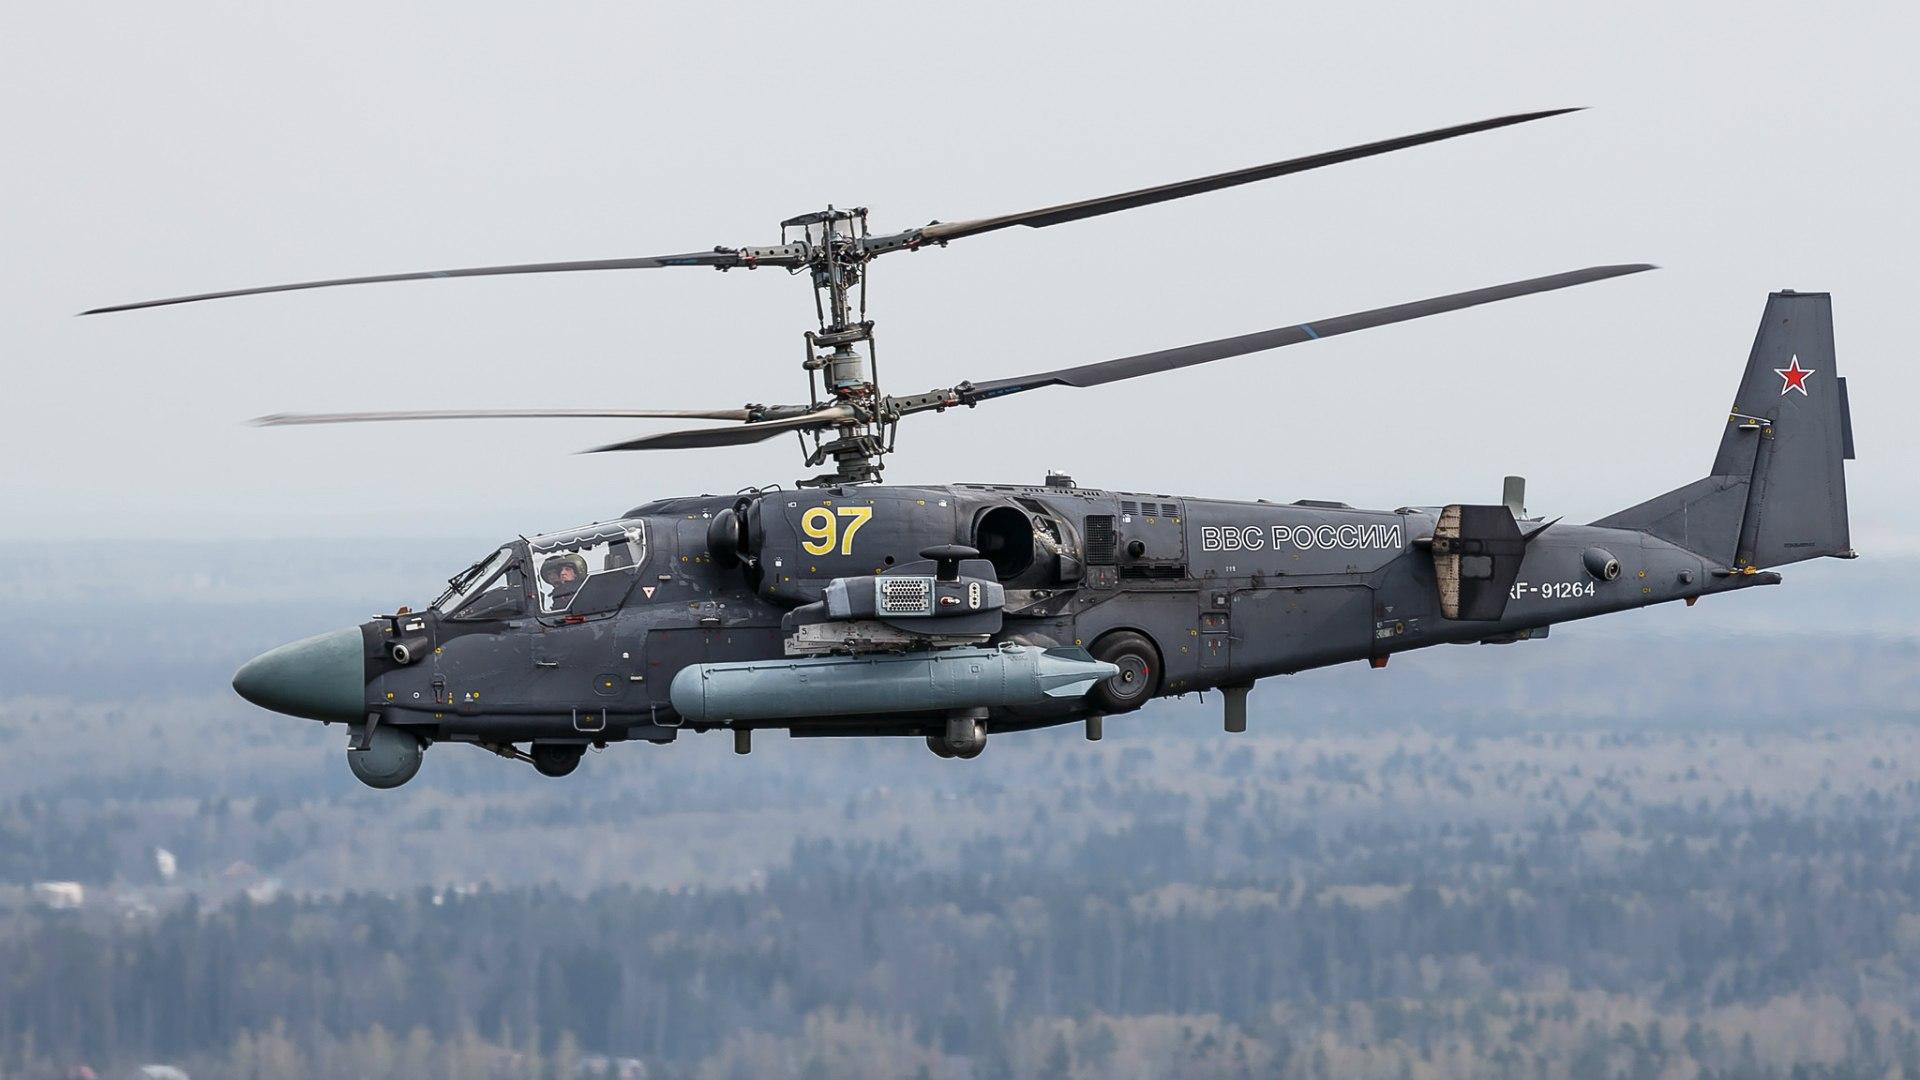 самый грузоподъемный вертолет в мире